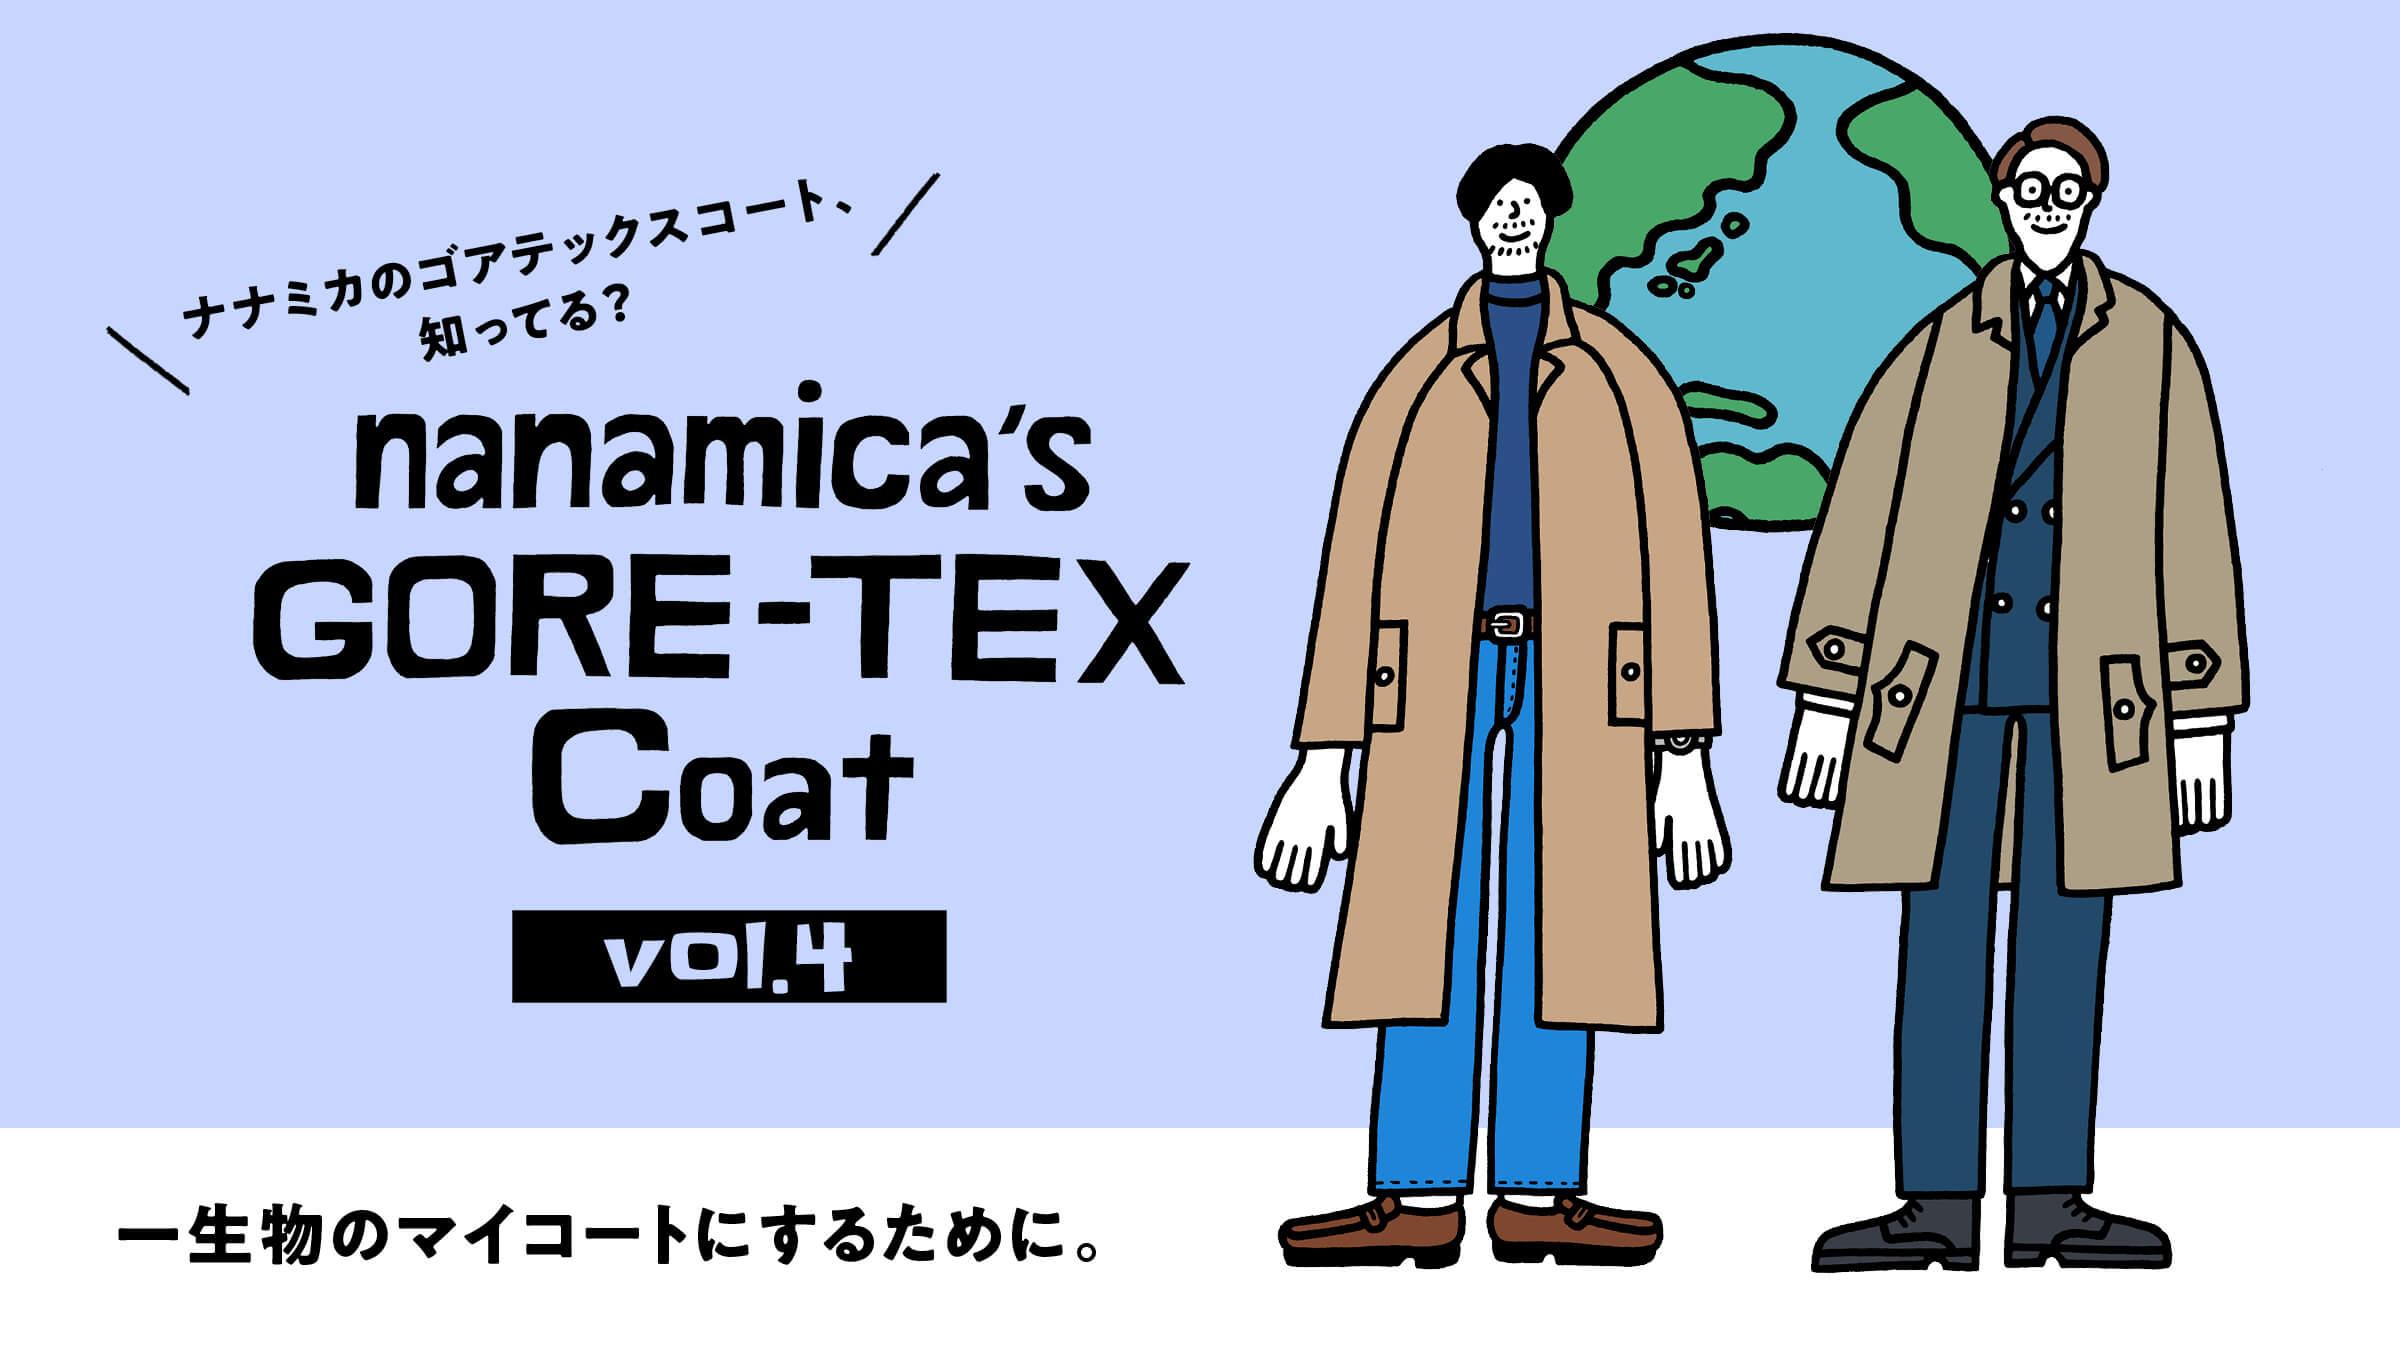 ナナミカのゴアテックスコート、知ってる? vol.4 一生物のマイコートにするために。